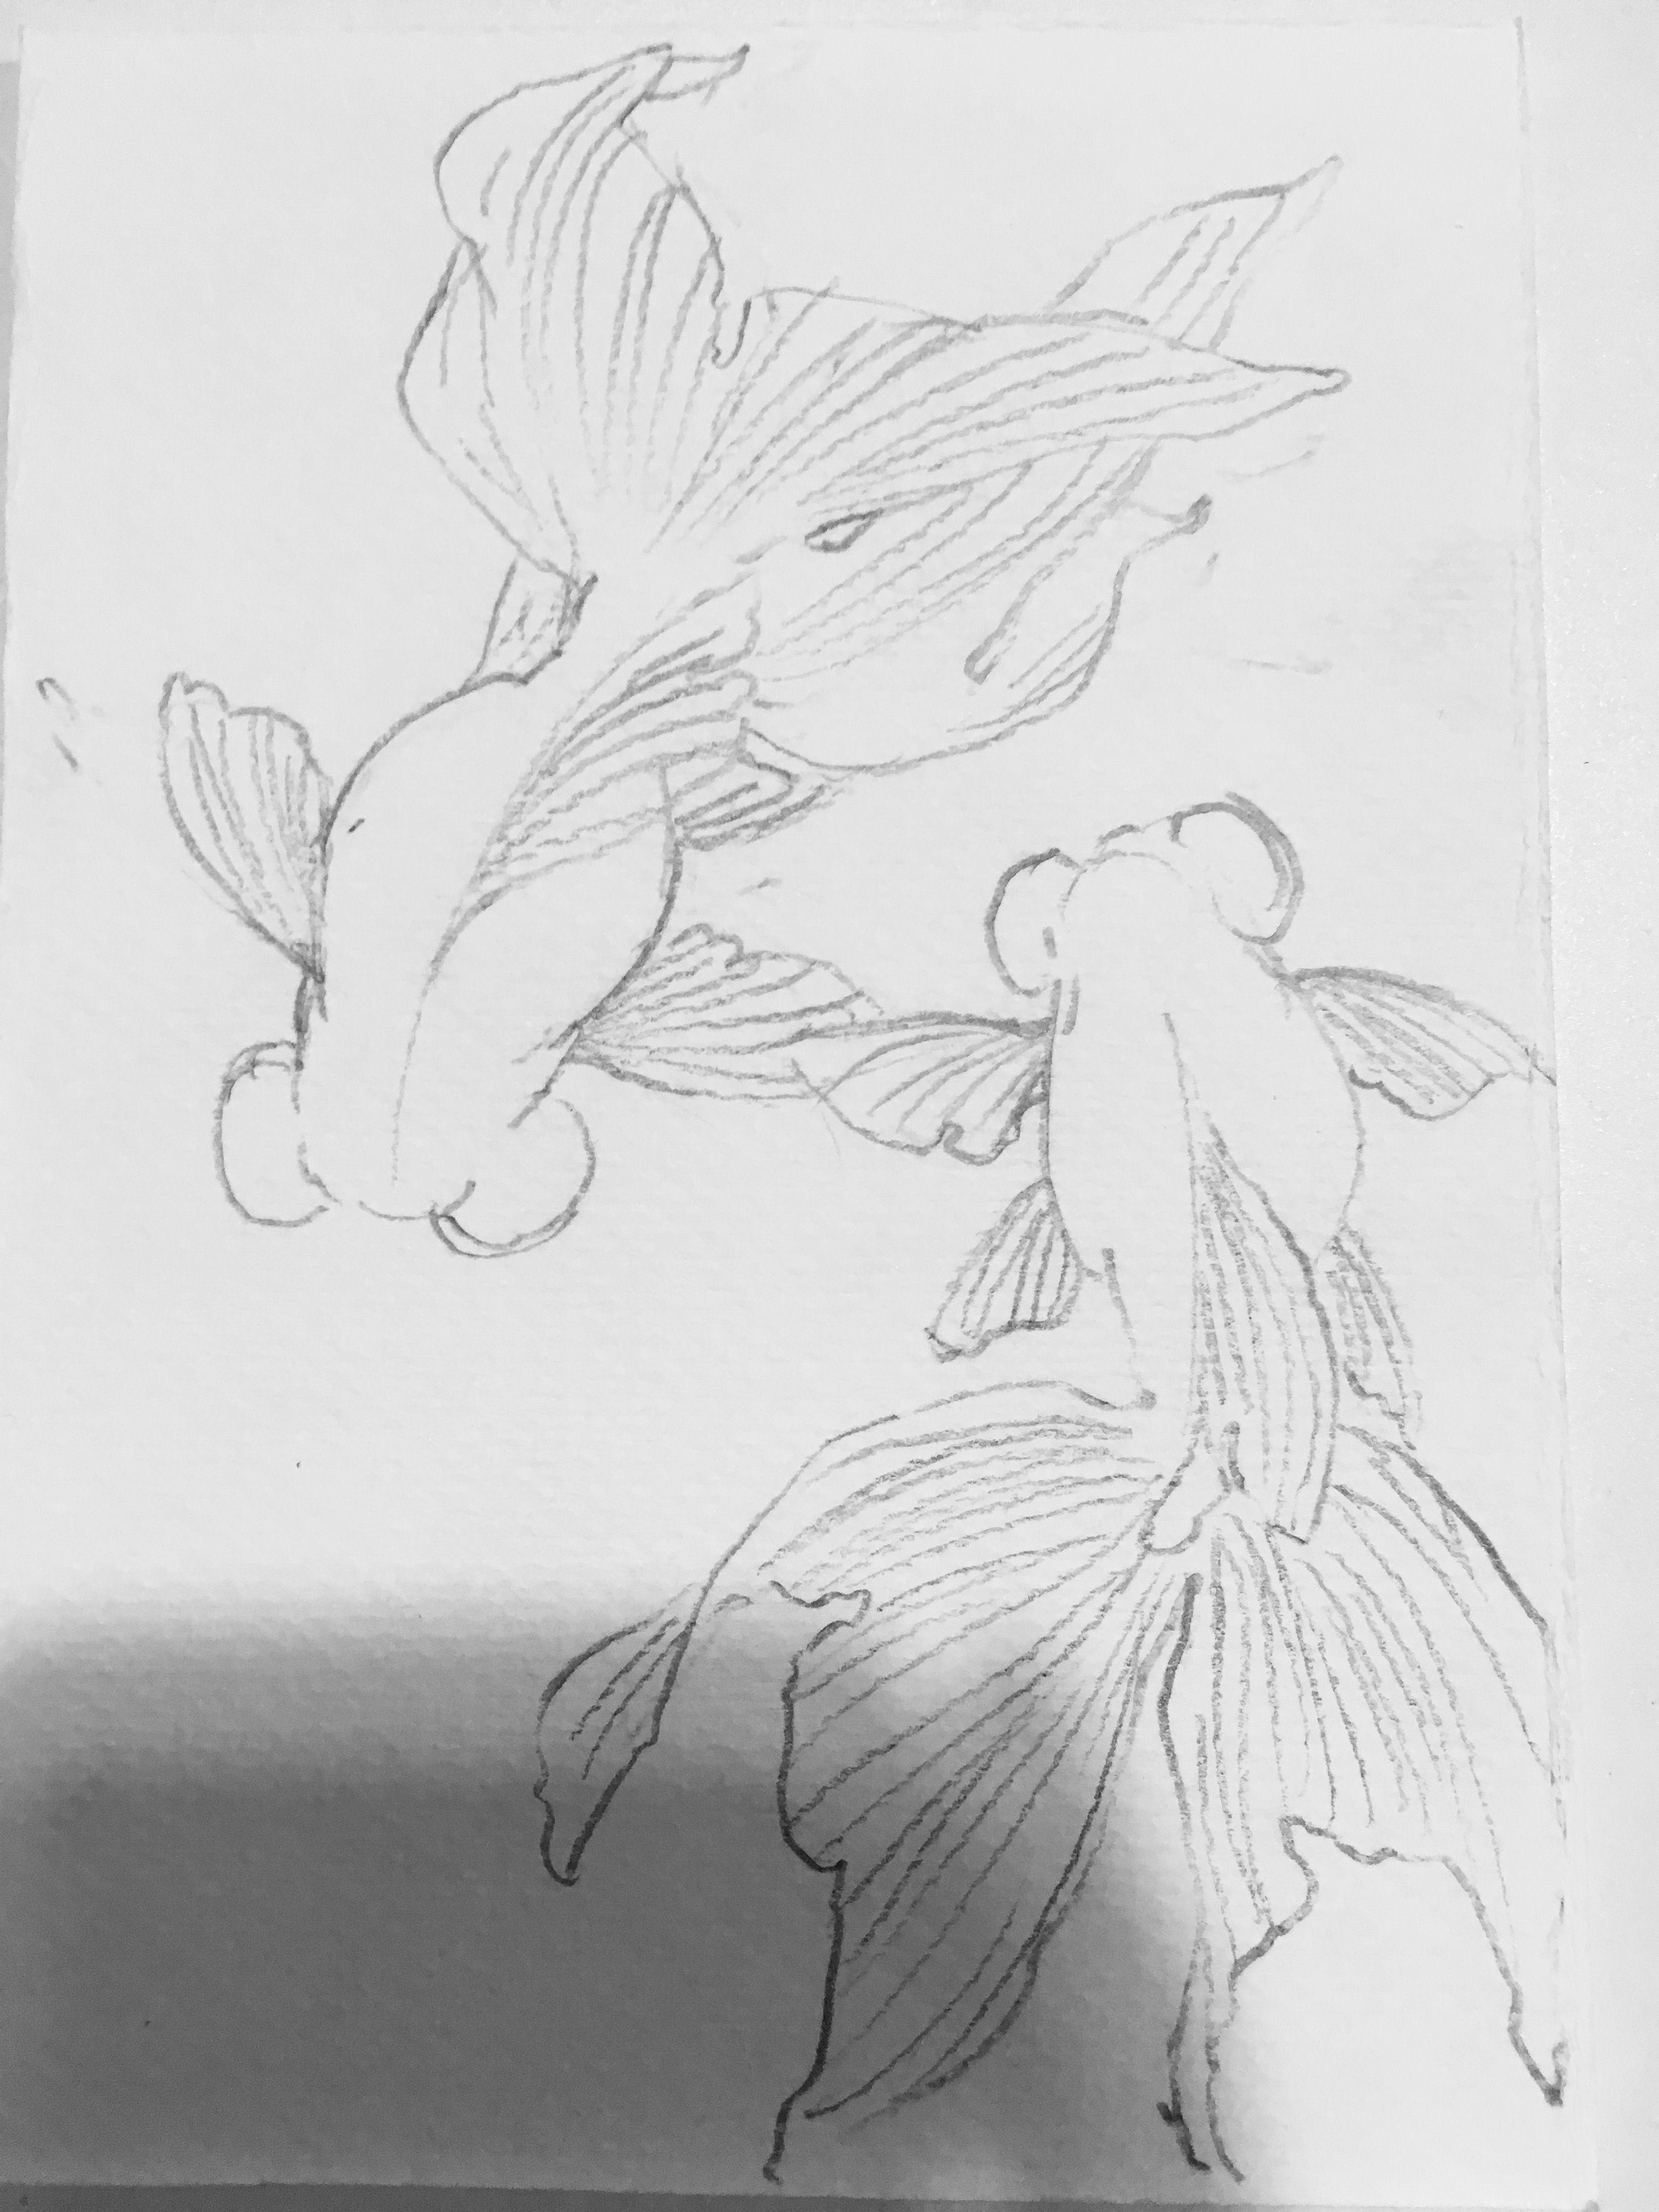 Las recomendaciones de esto plsss Pintar también templo japonés y patio lleeeno de hojas de gingko